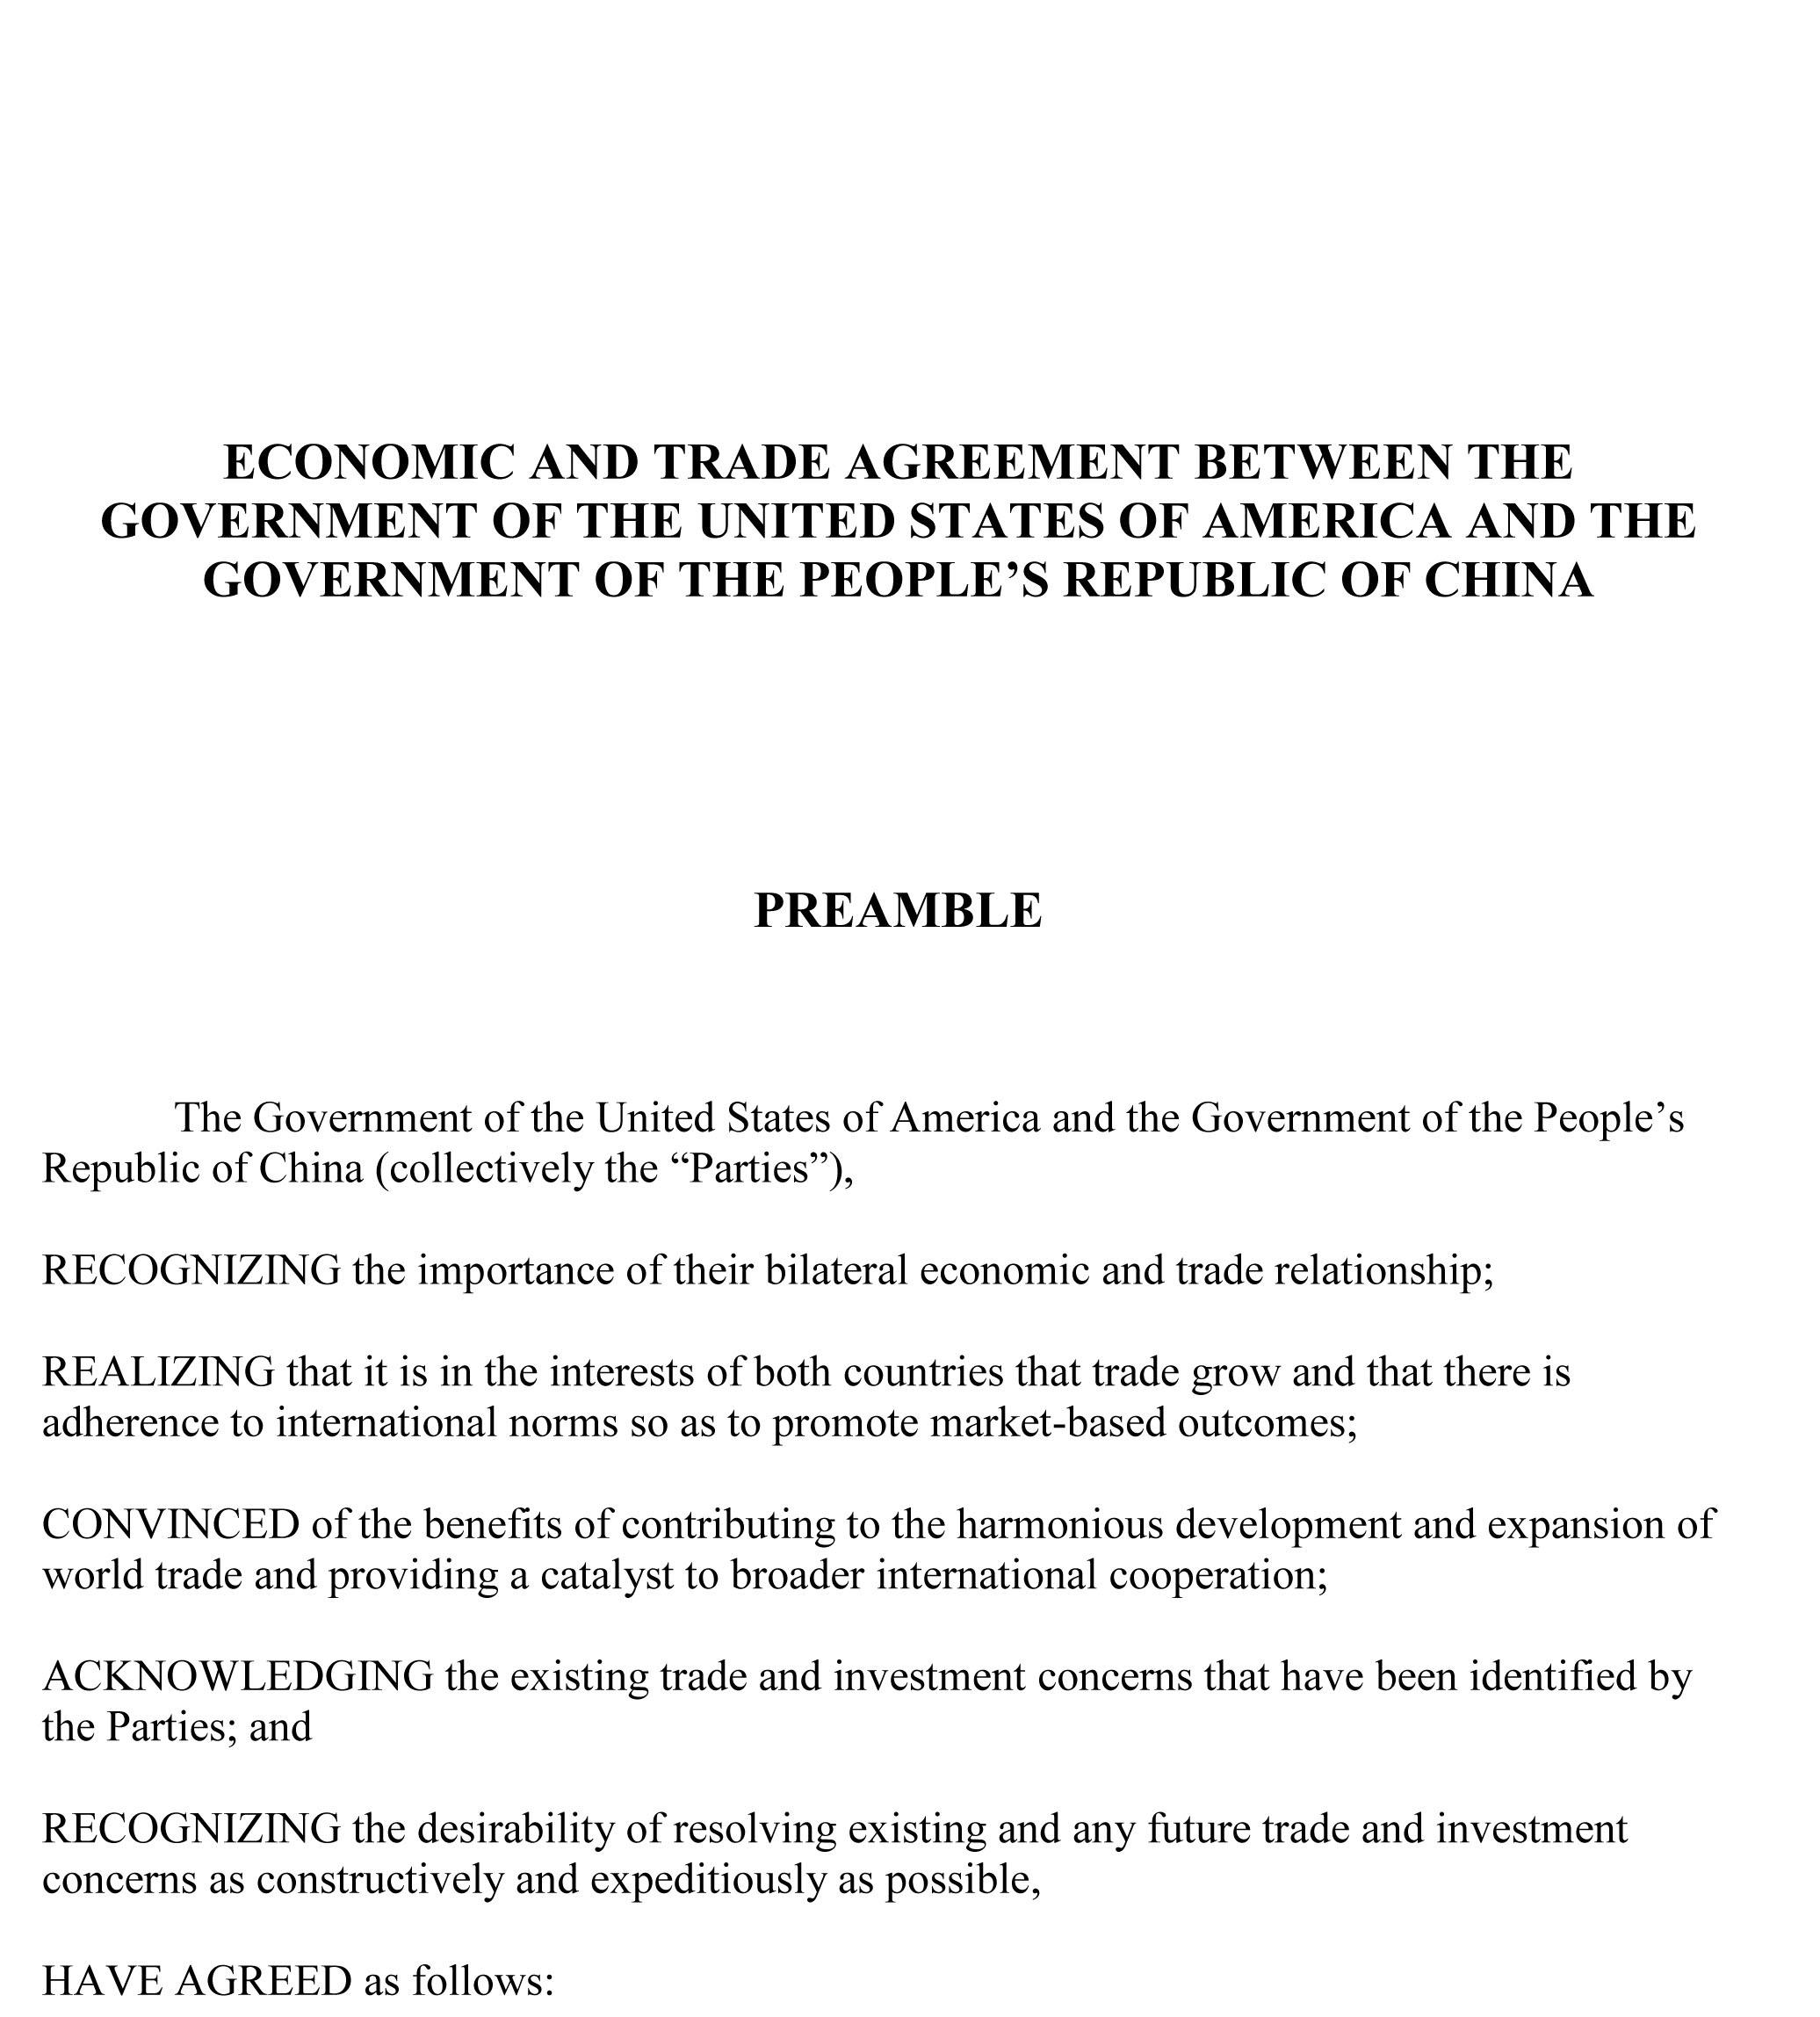 美中首階段貿易協議英文版本長達96頁。